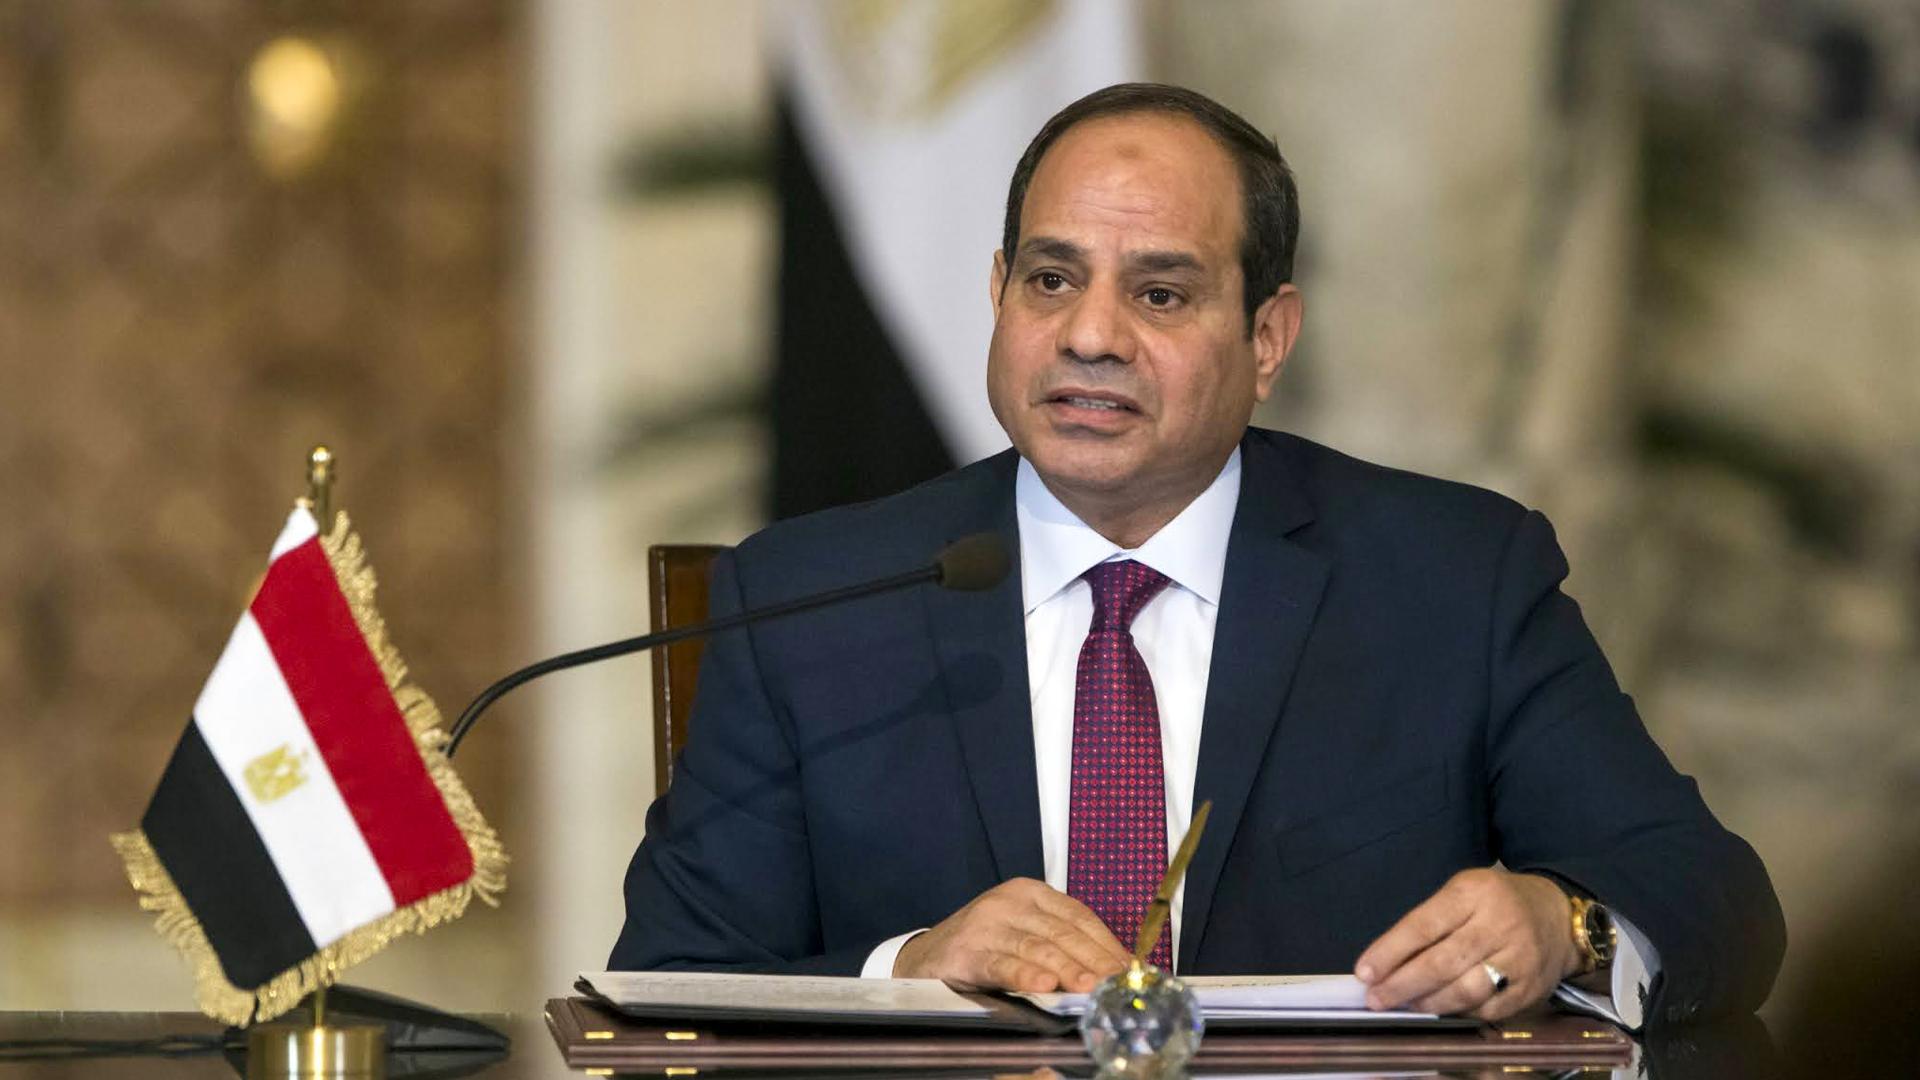 السيسي يدعو لعدم القلق بشأن أمن مصر Egypt القومي وحقوقها المائية